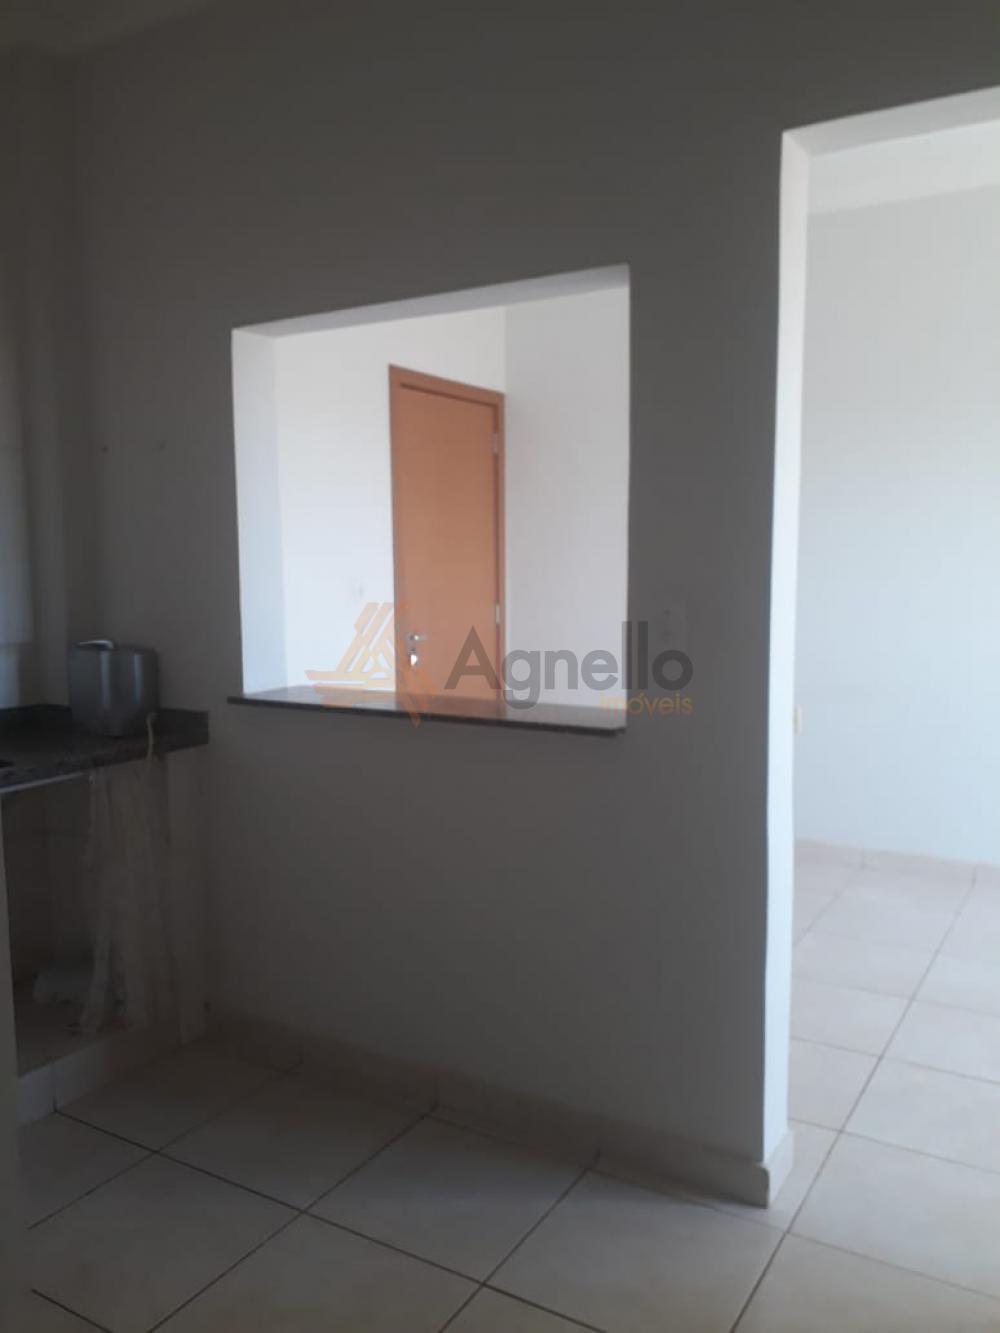 Comprar Apartamento / Padrão em Franca R$ 170.000,00 - Foto 6